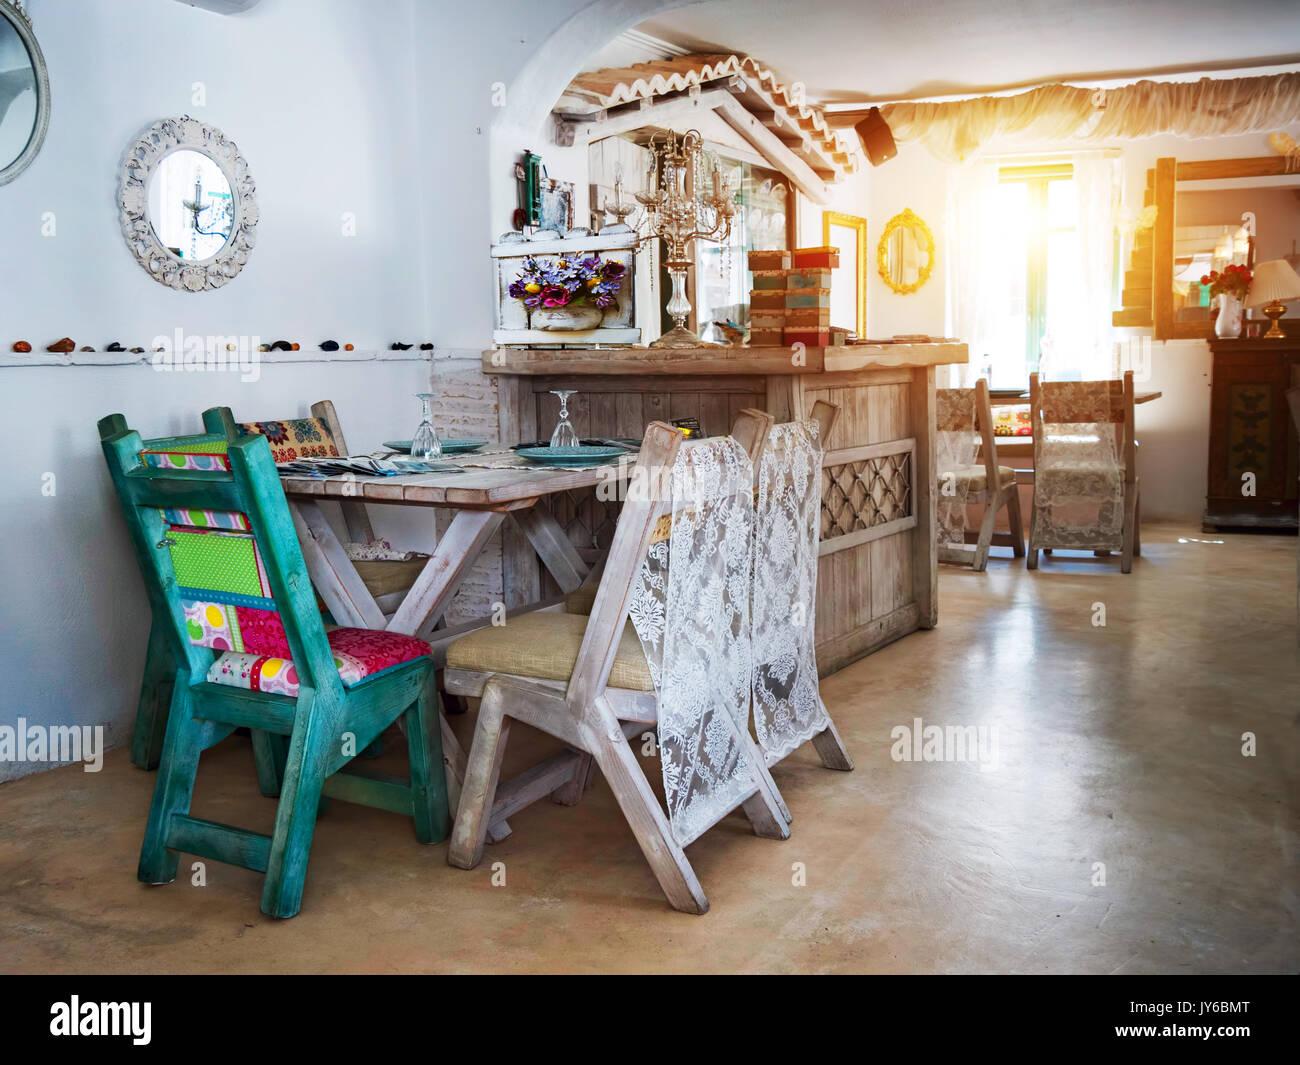 Piccola Sala Da Pranzo : Una piccola sala da pranzo in una casa rustica in un vecchio stile